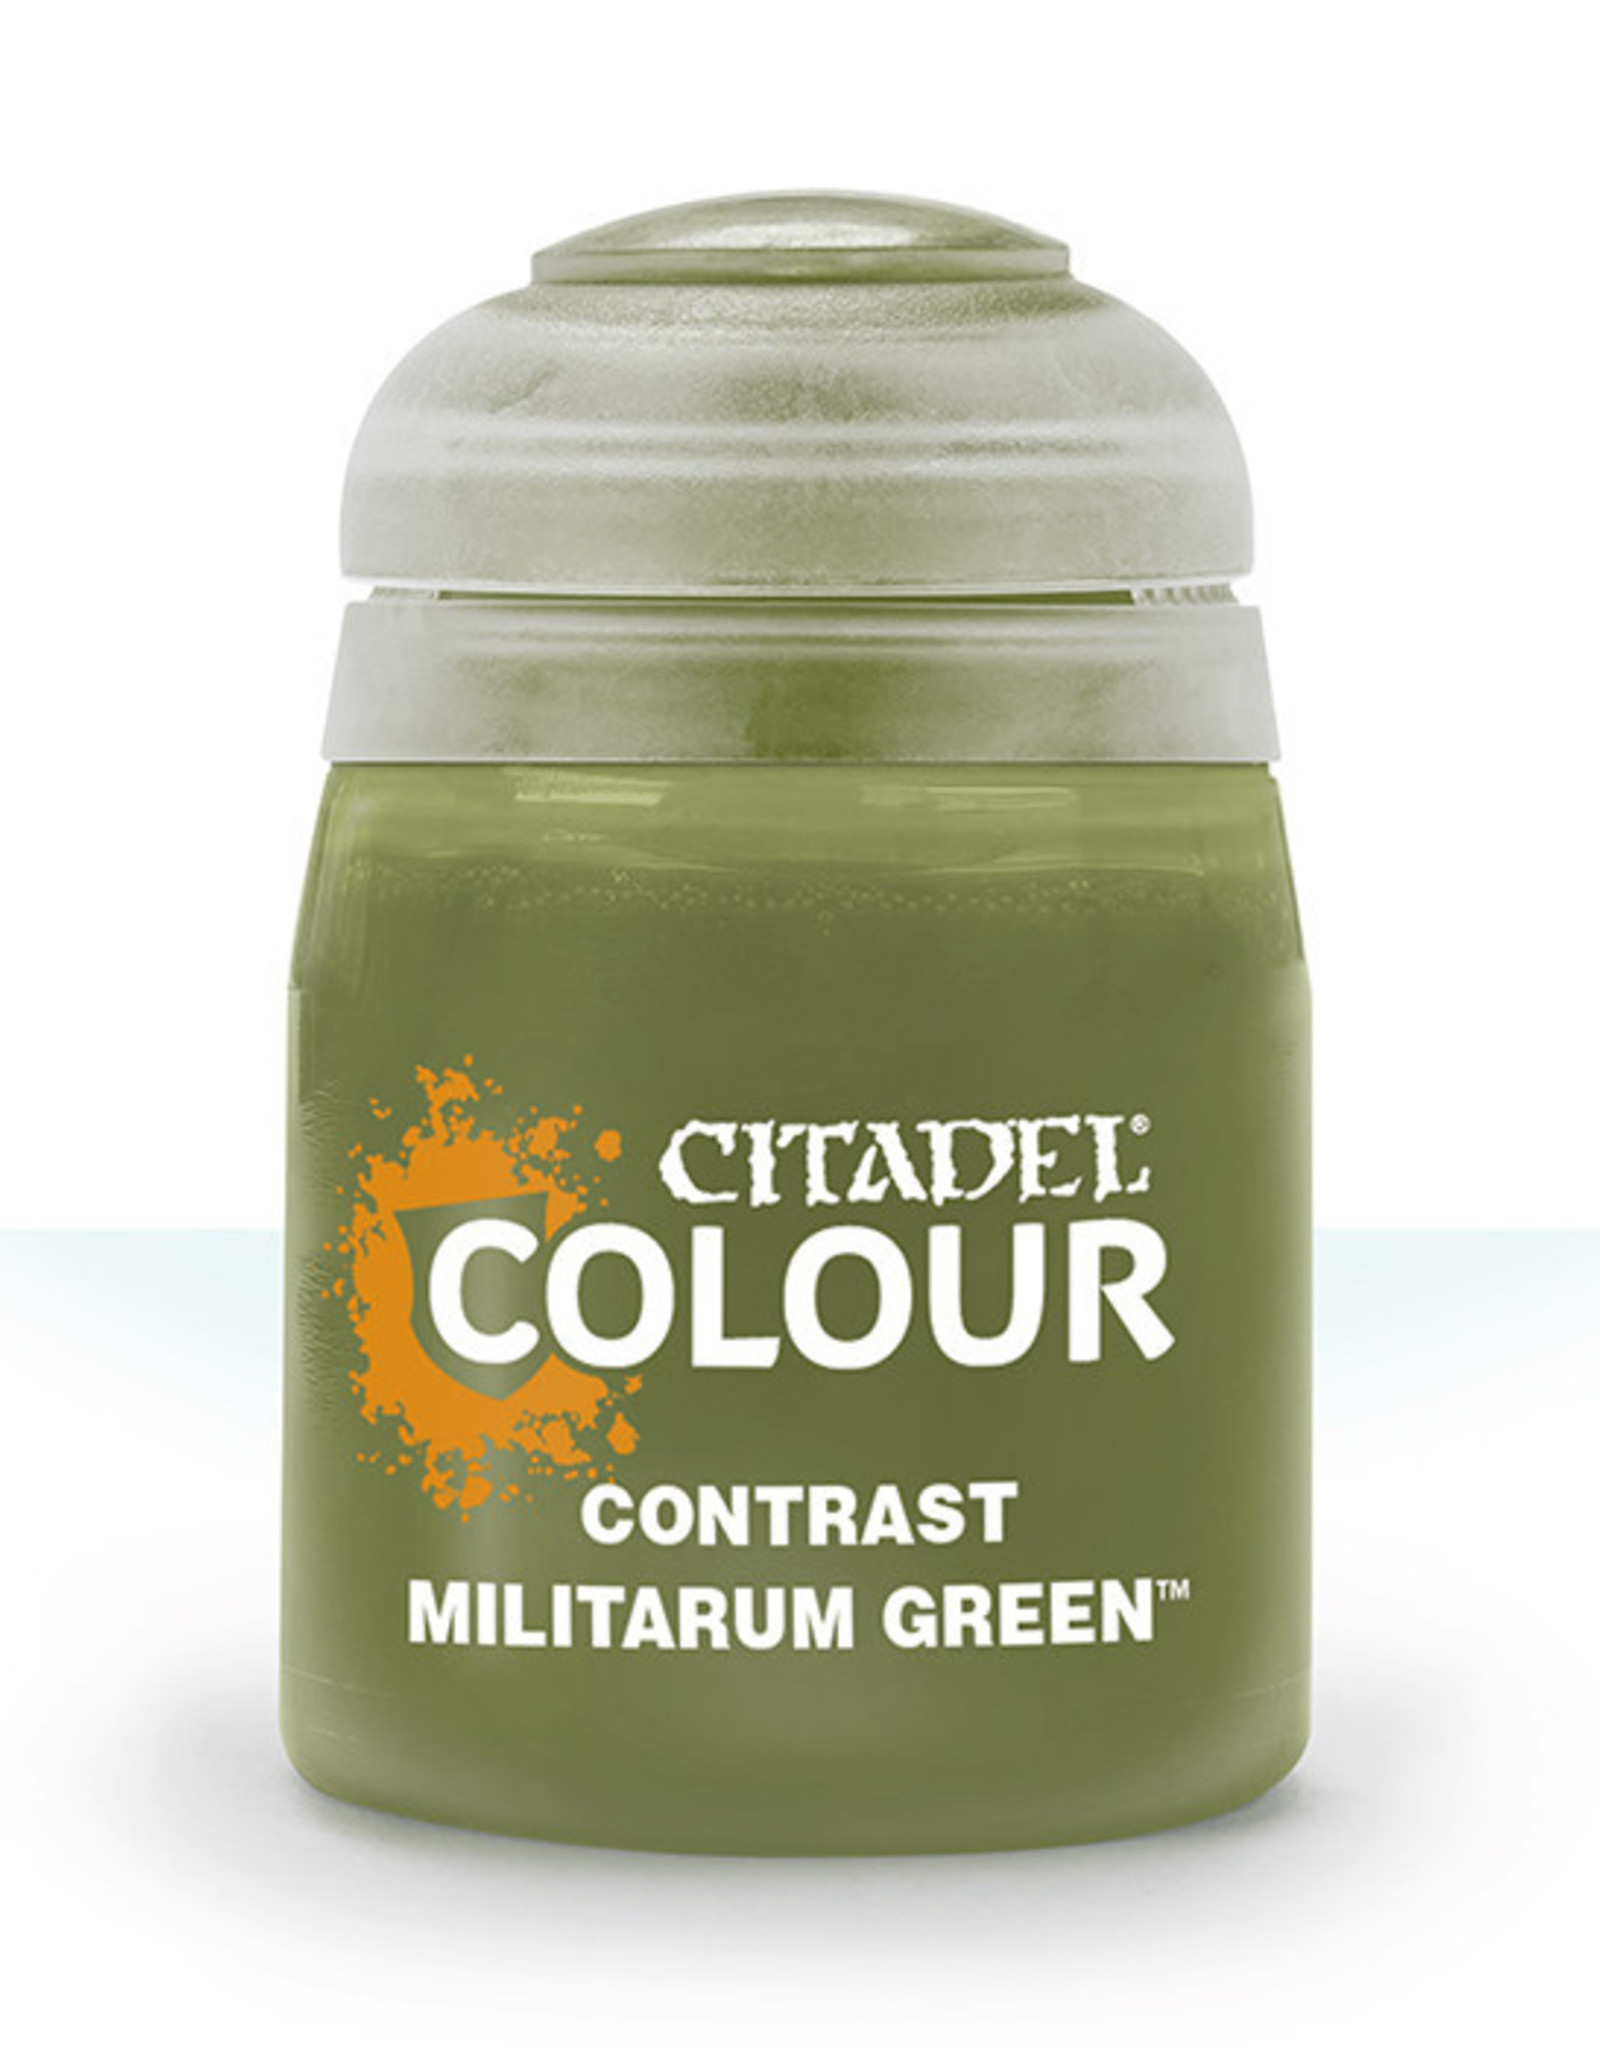 Citadel Citadel Colour: Contrast - Militarum Green